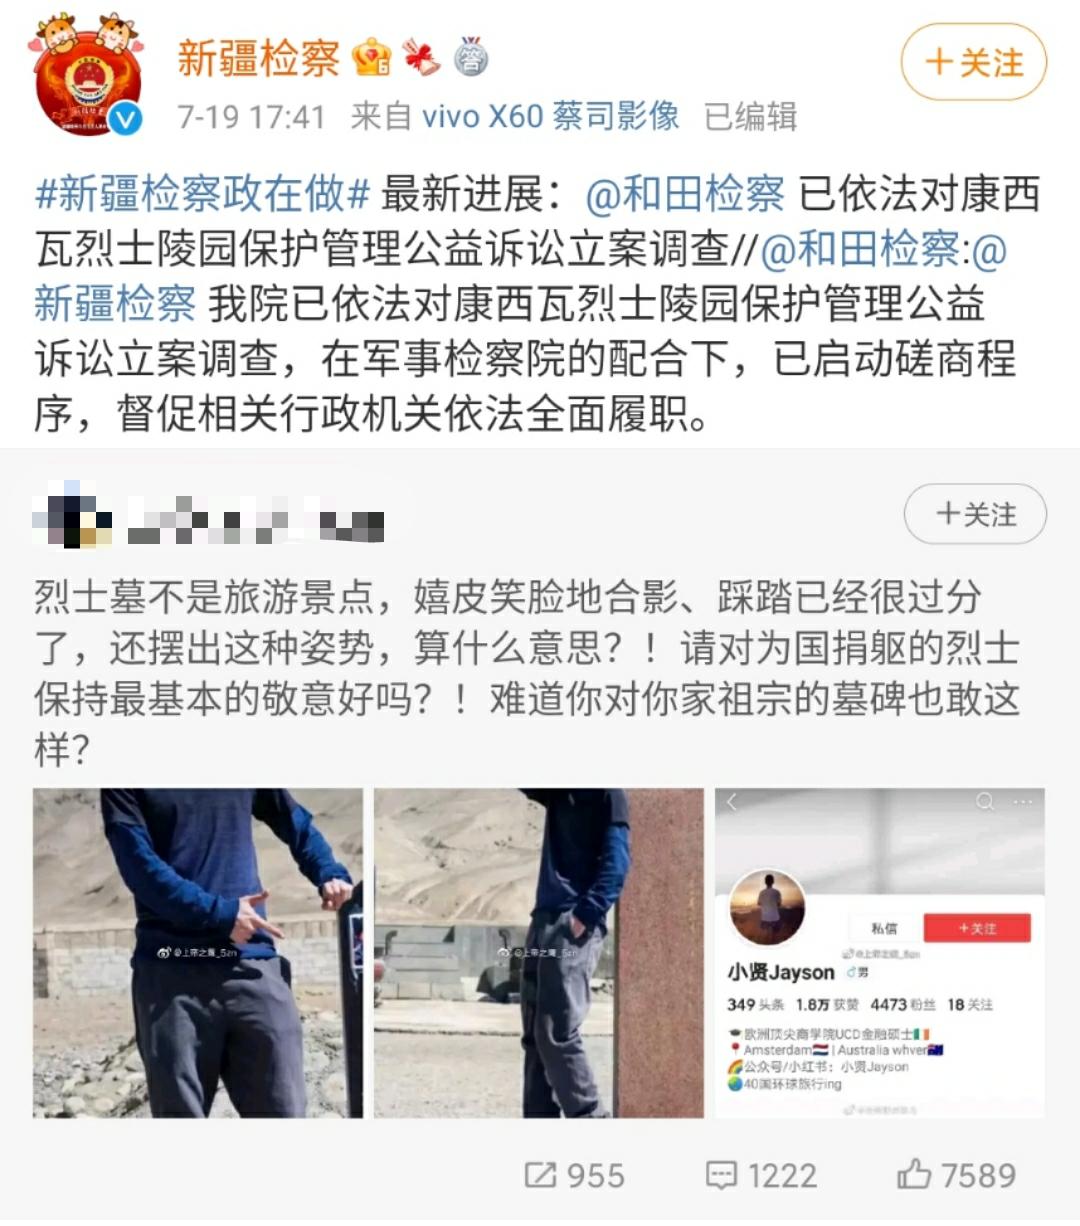 一旅游UP主被指在戍边英雄墓碑前摆拍亵渎烈士,公安机关已立案